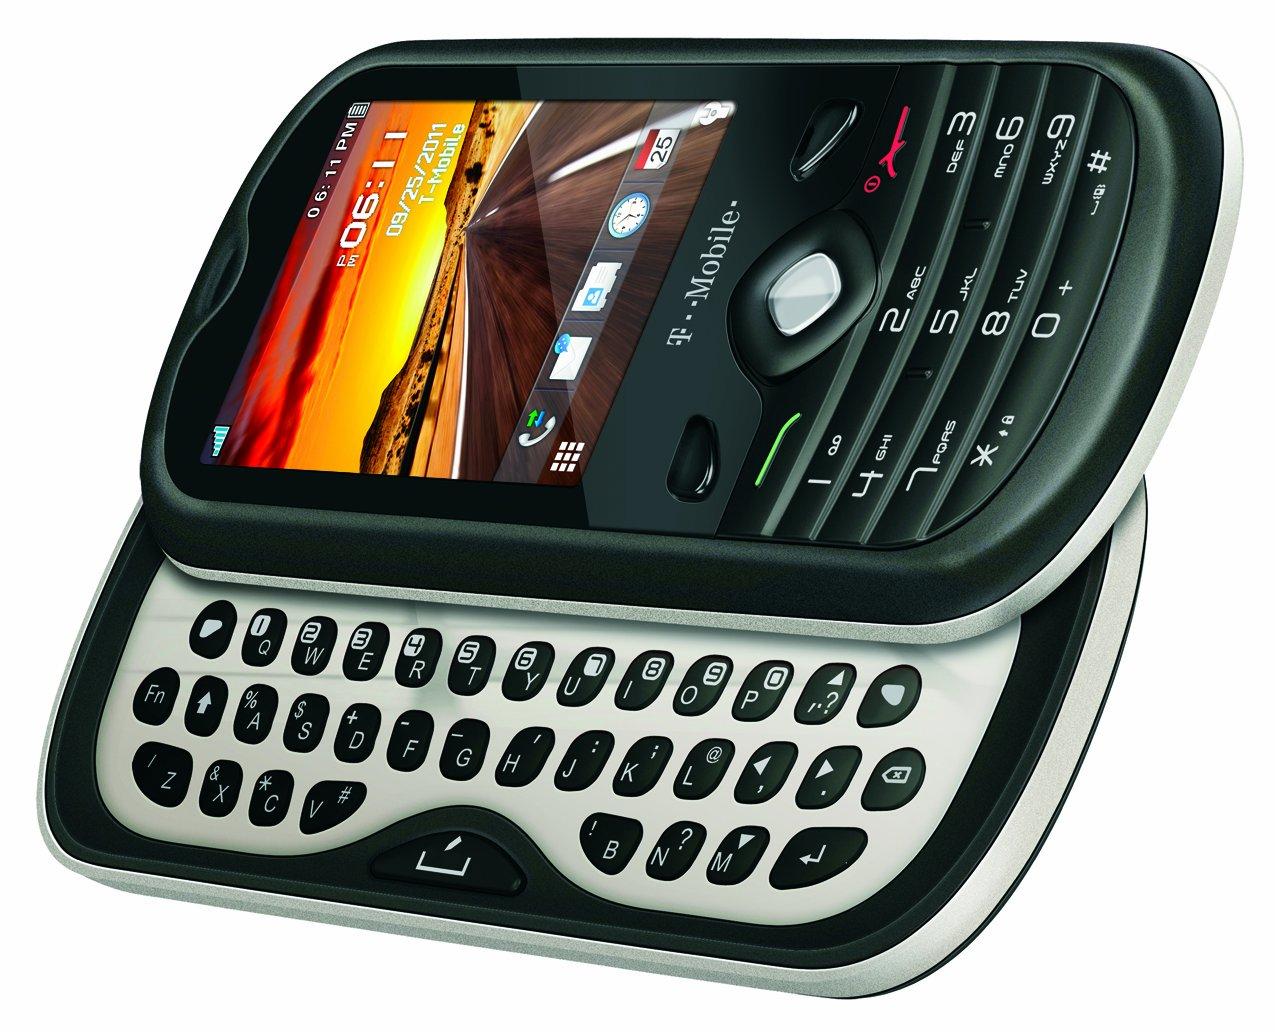 amazon com t mobile sparq prepaid phone t mobile cell phones rh amazon com T-Mobile Phones SPARQ T-Mobile Alcatel Sparq 2